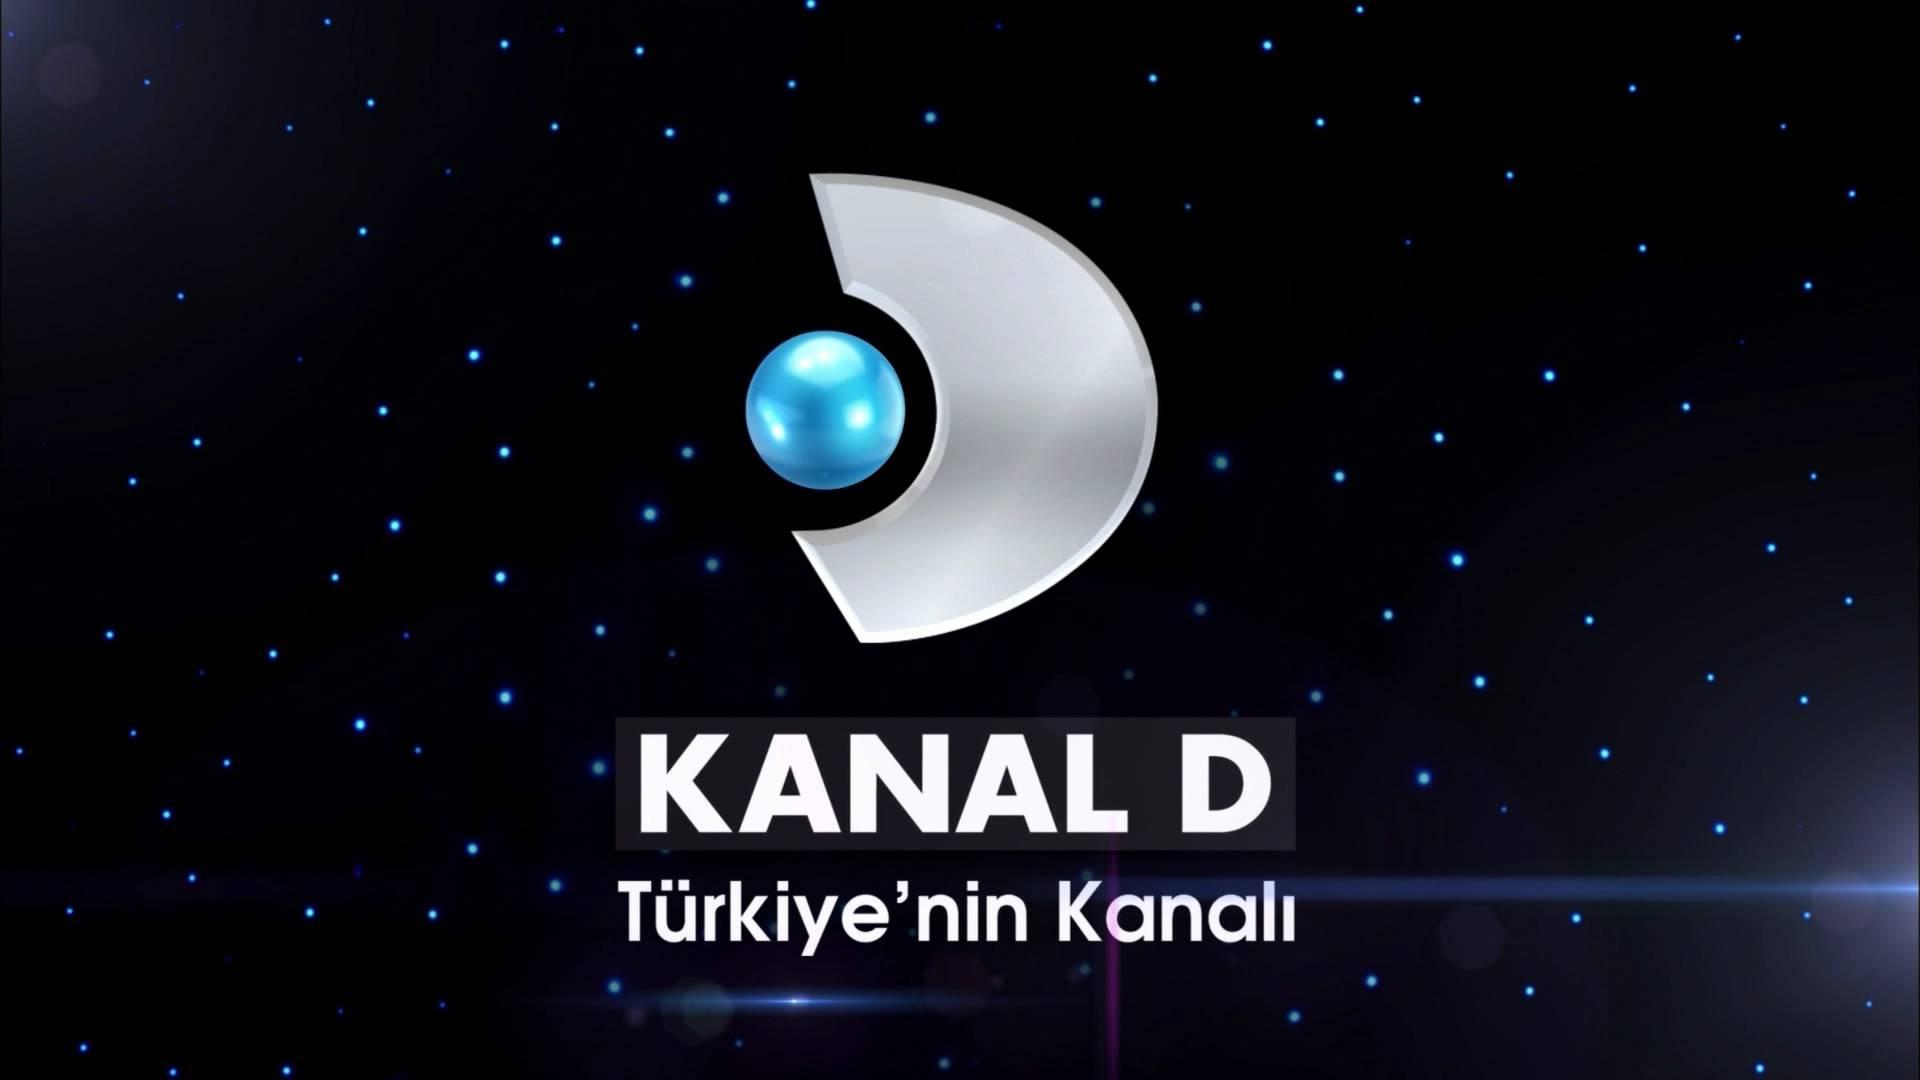 Kanal D Yeni Sezonda yayınlanacak Diziler